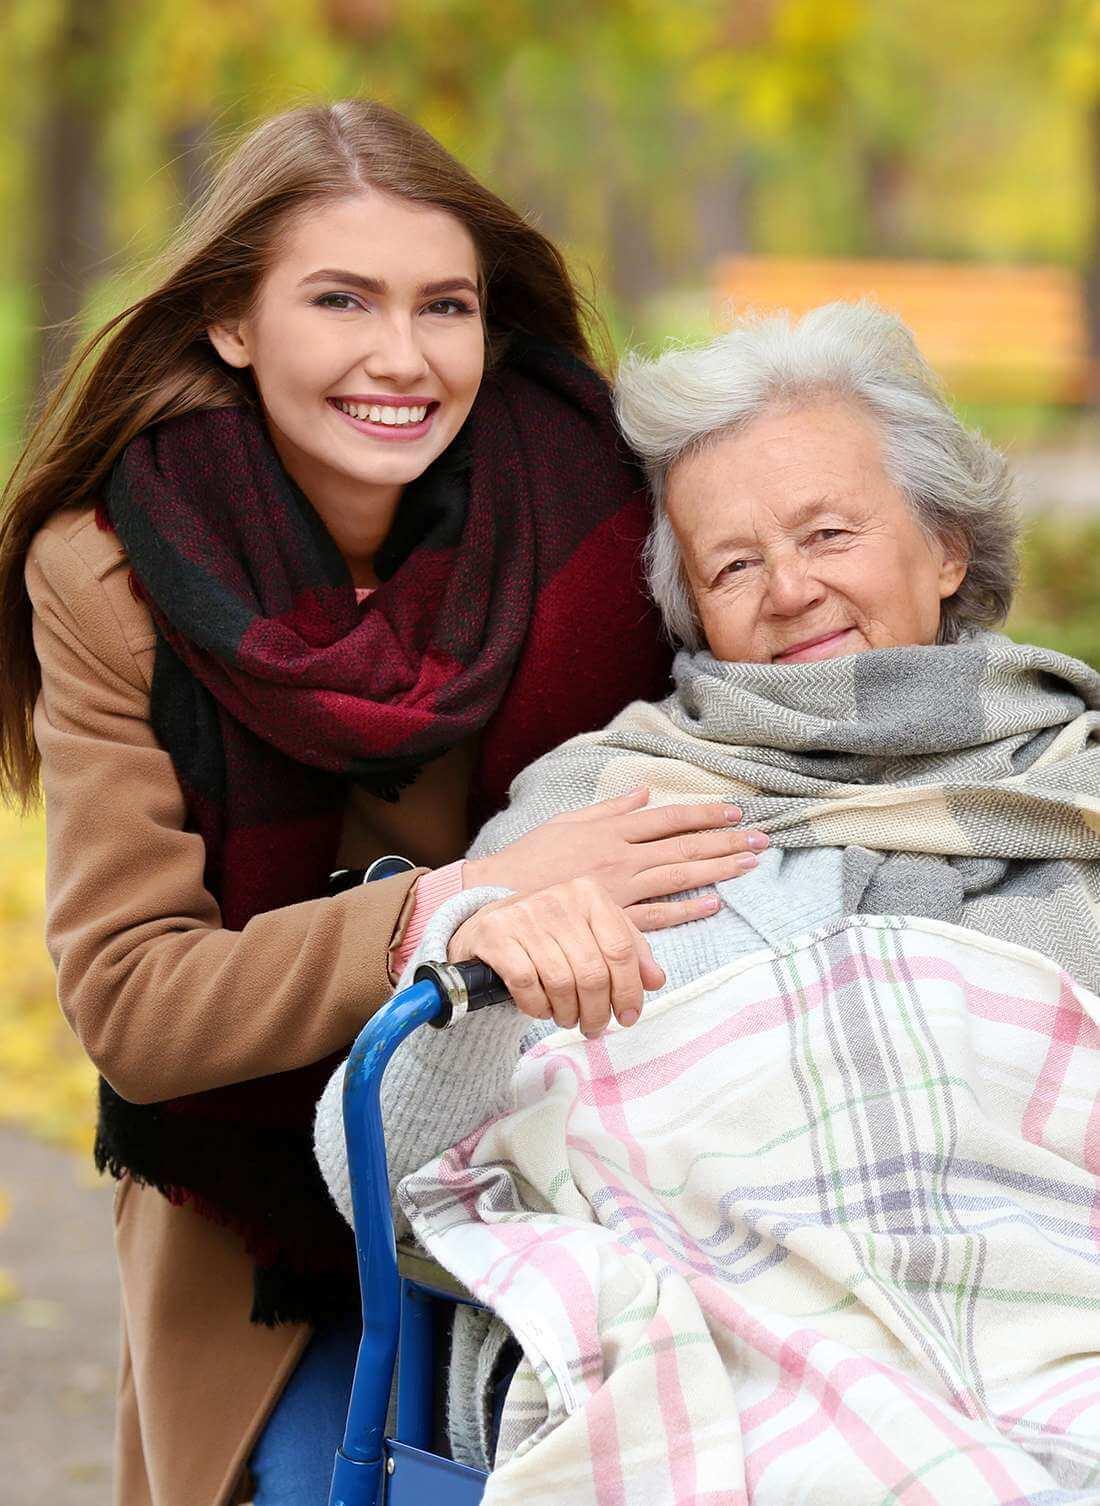 Glückliche Seniorin mit ihrer Enkelin im Park, dank professioneller Beratung und Unterstützung.